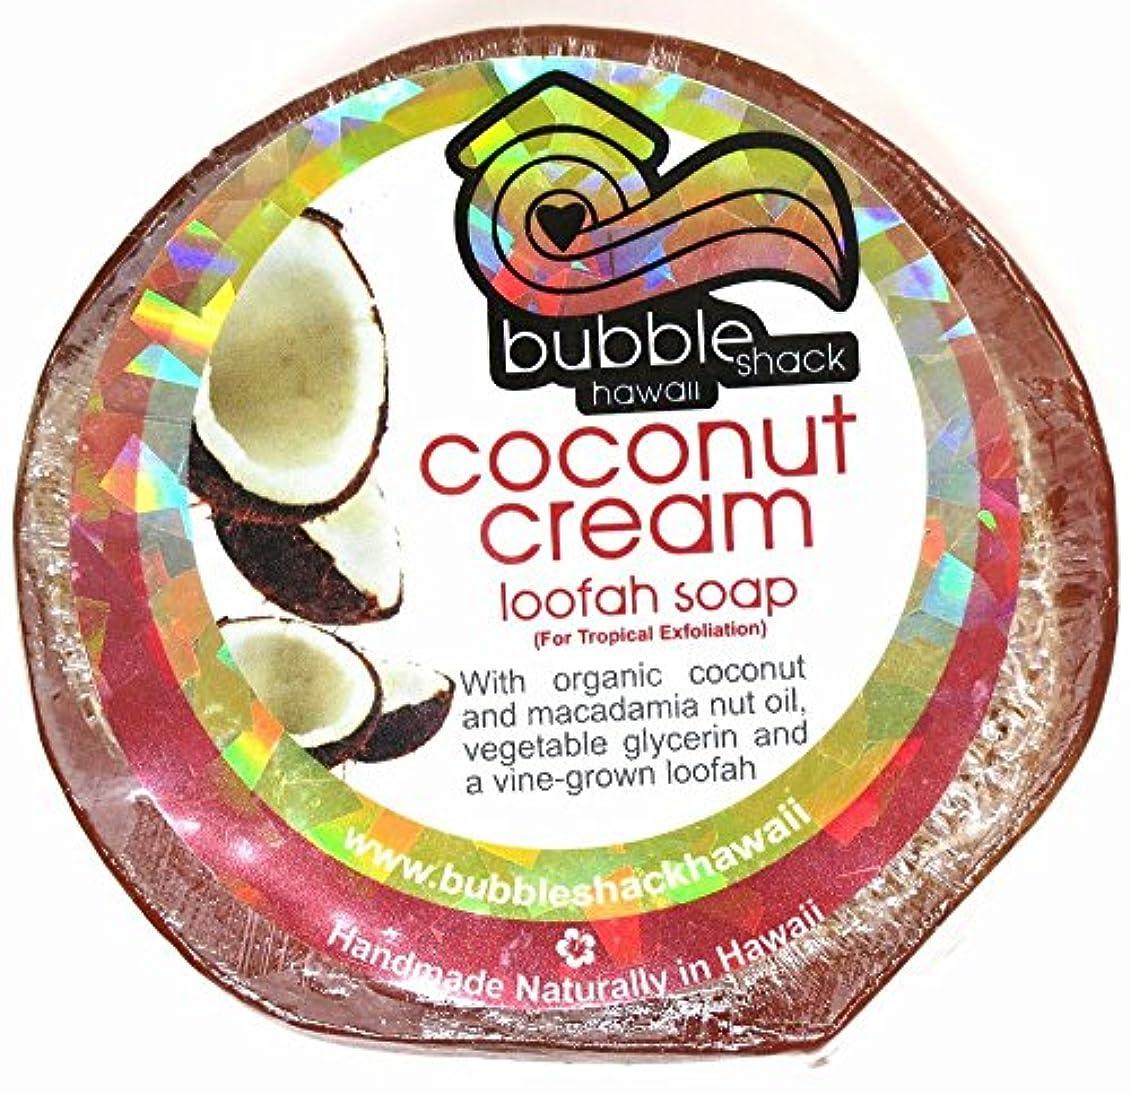 ハワイアン雑貨/ハワイ 雑貨【バブルシャック】Bubble Shack Hawaii ルーファーソープ(ココナッツクリーム) 【お土産】